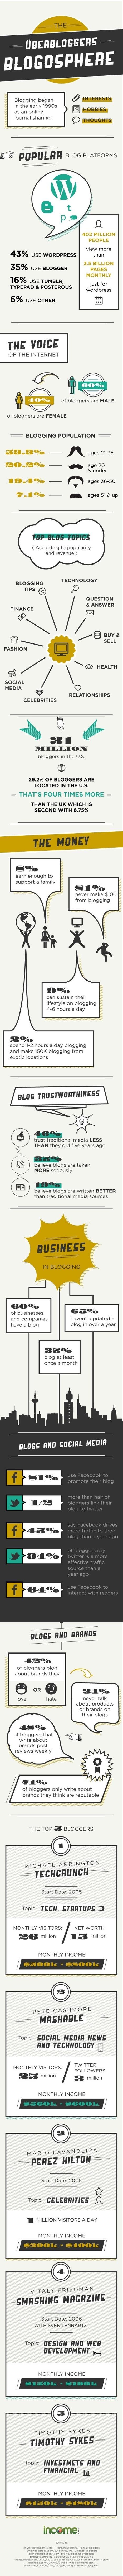 [INFOGRAPHIE] Tout ce que vous vouliez savoir sur la blogosphère | E-Réputation des marques et des personnes : mode d'emploi | Scoop.it